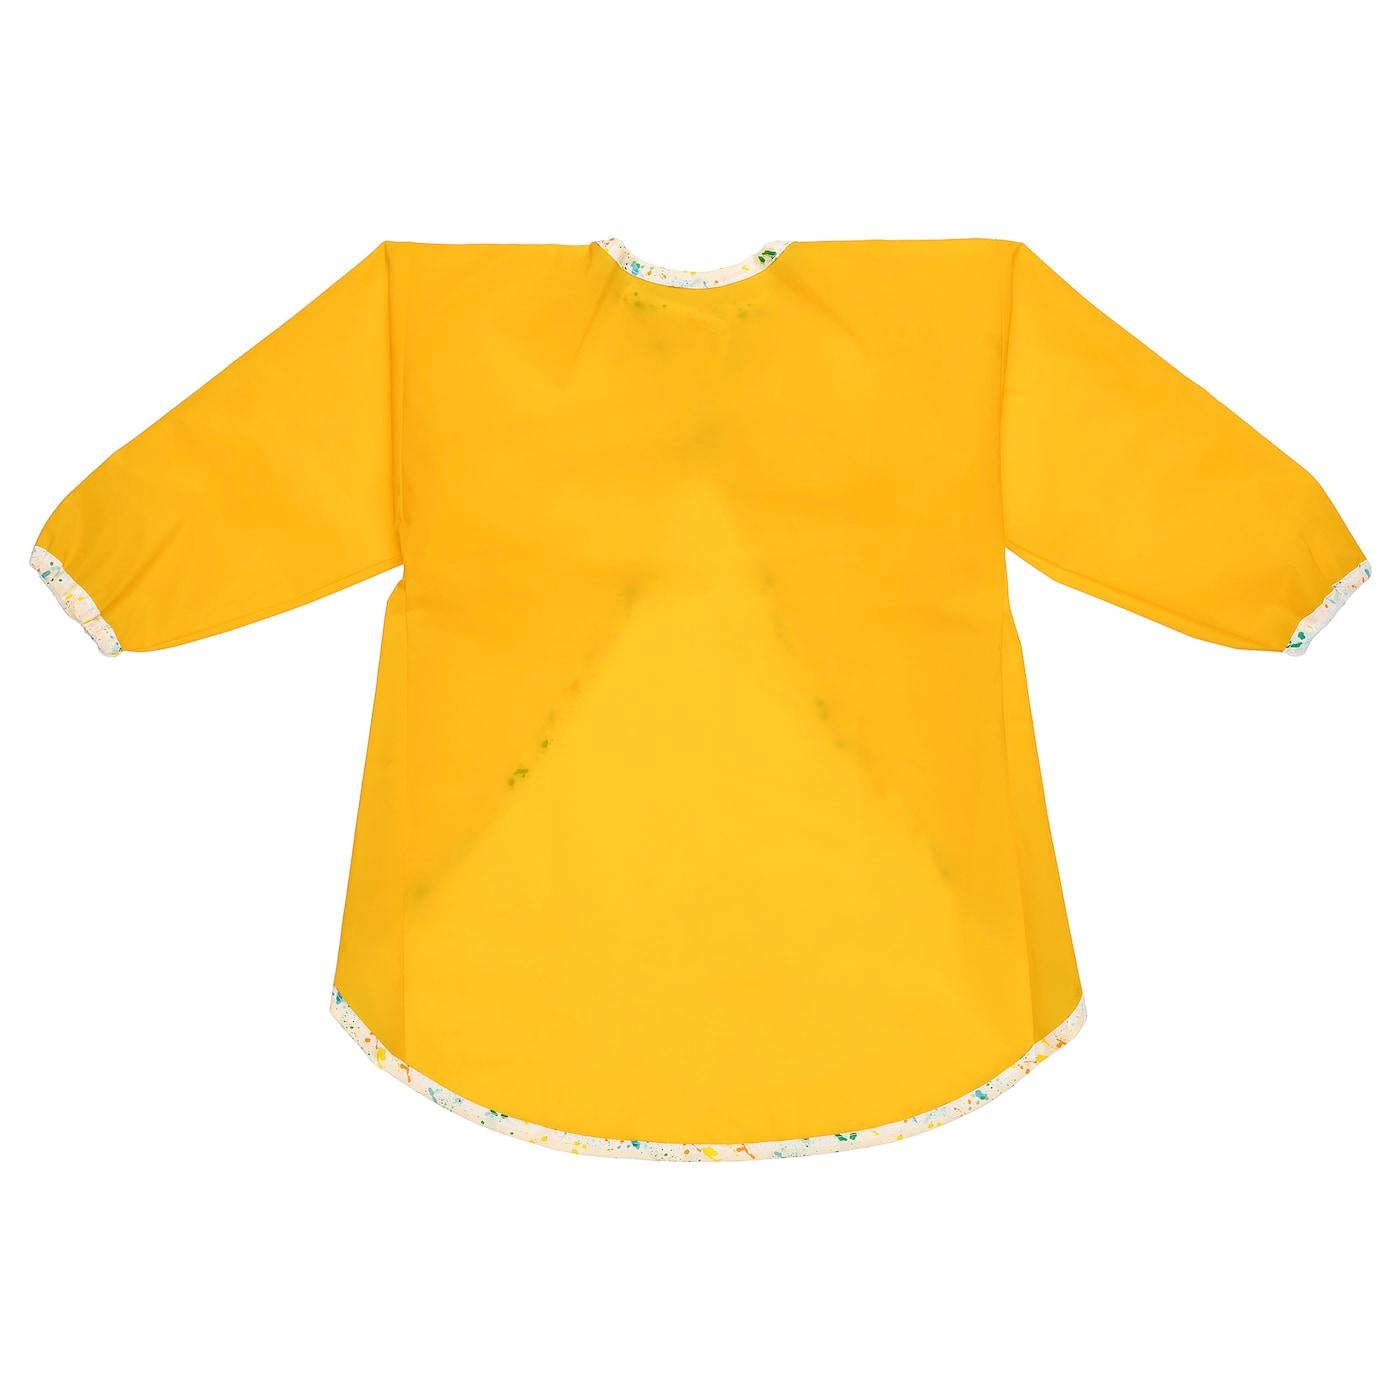 MÅLA Kinderkittel mit langen Ärmeln - gelb